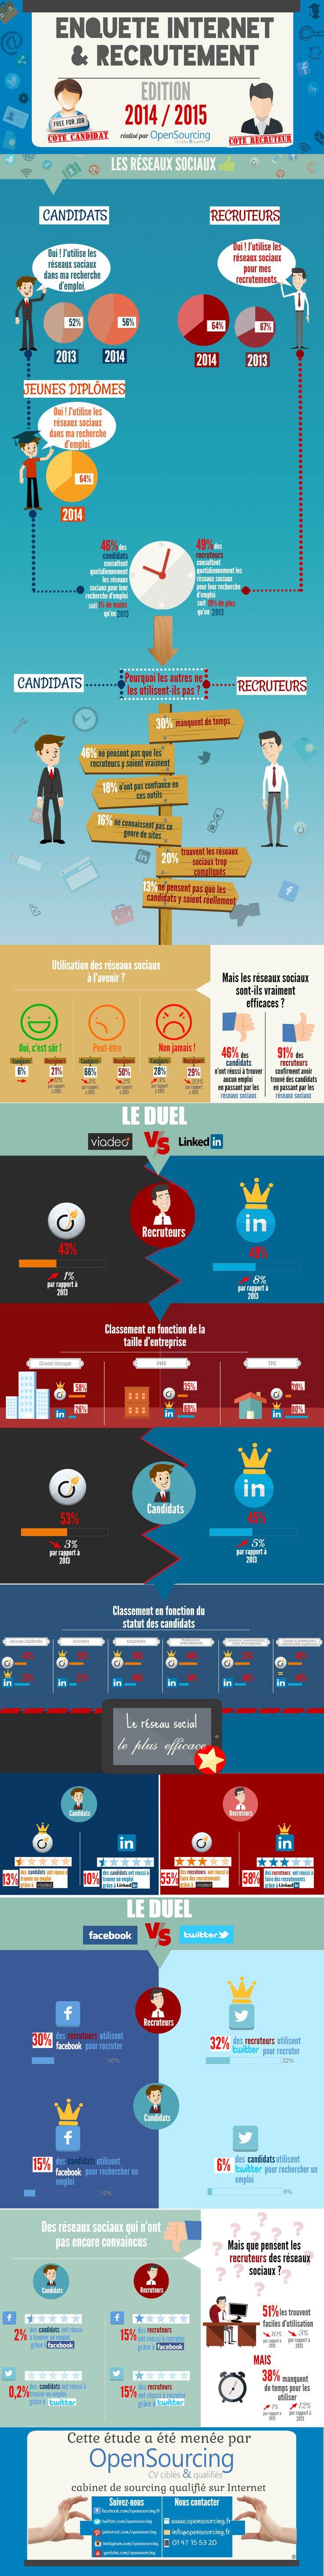 Les résultats de l'enquête Internet & Recrutement Edition 2014 / 2015 -  Partie 3 : Les réseaux sociaux. - Pour en savoir plus, cliquez sur l'infographie ou sur le lien suivant : http://www.opensourcing.fr/blogs/4/q6ni9d-etude-internet-&-recrutement-2015